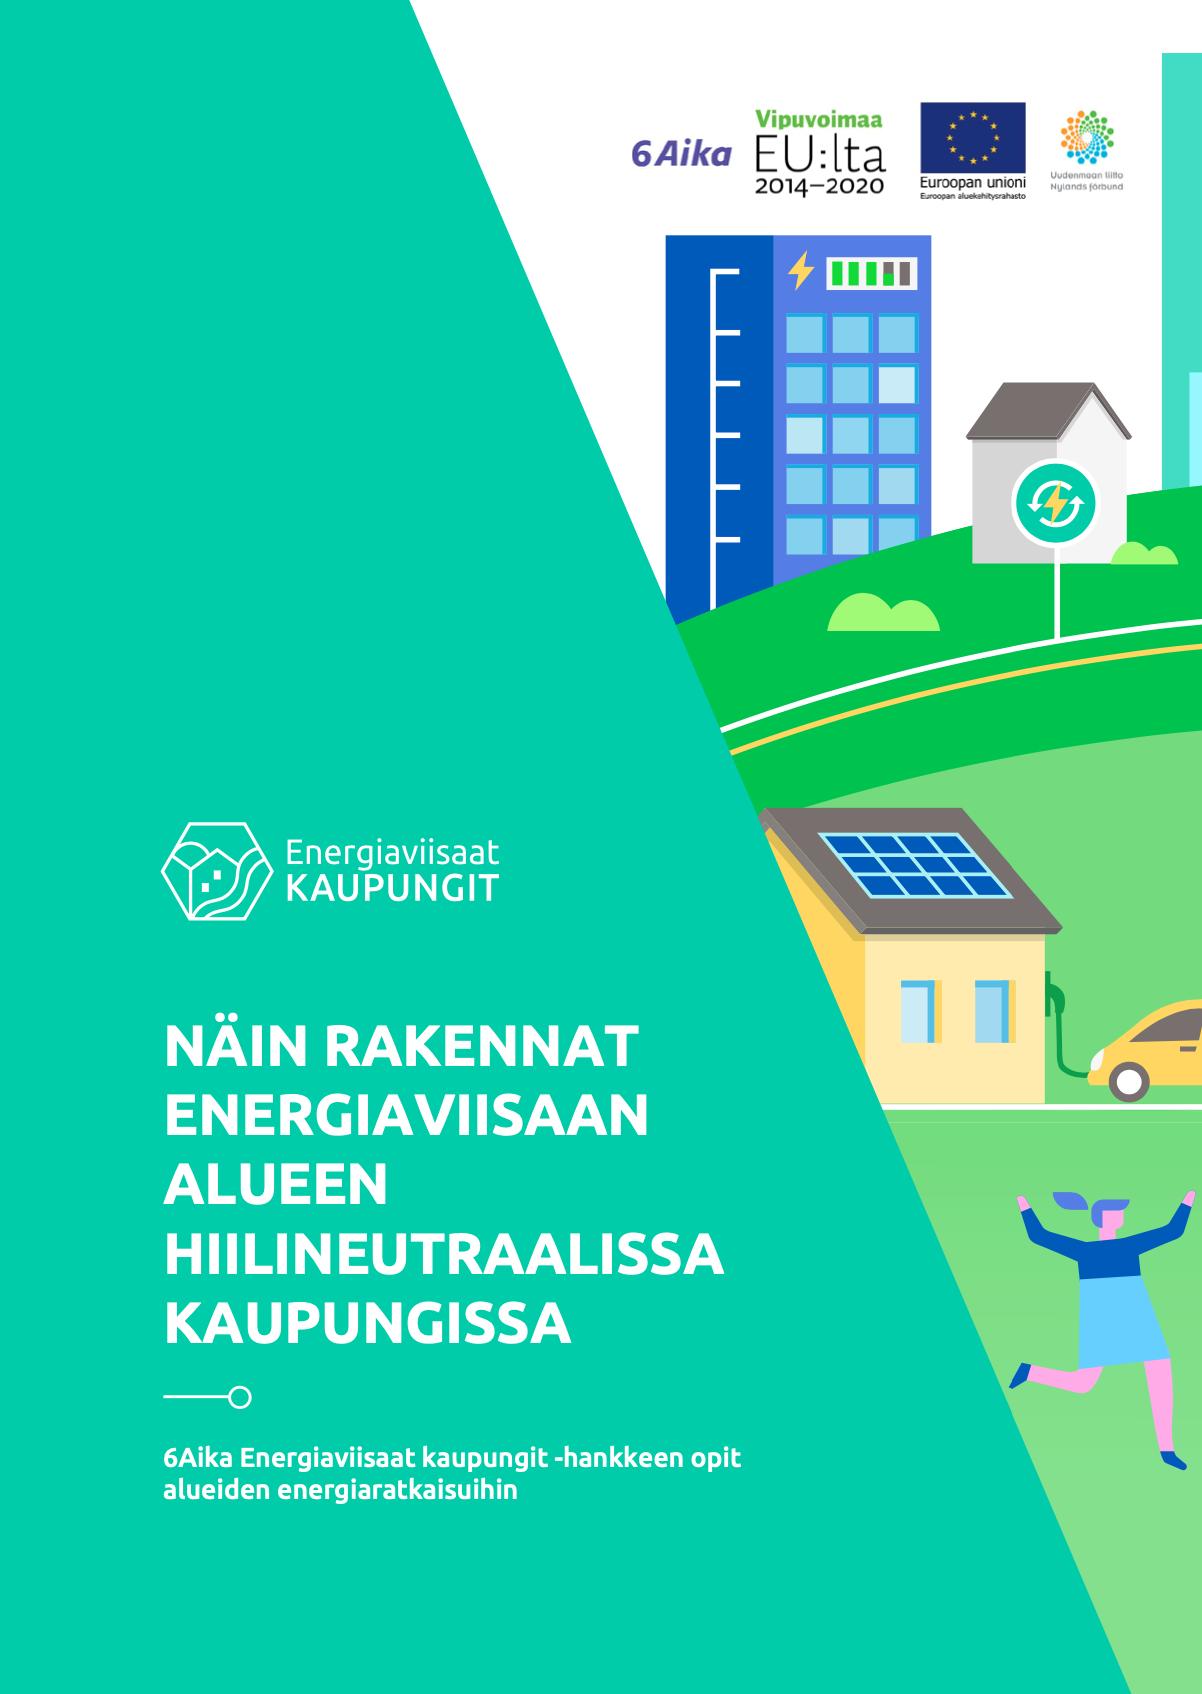 Cover for article 'Näin rakennat energiaviisaan alueen hiilineutraalissa kaupungissa'